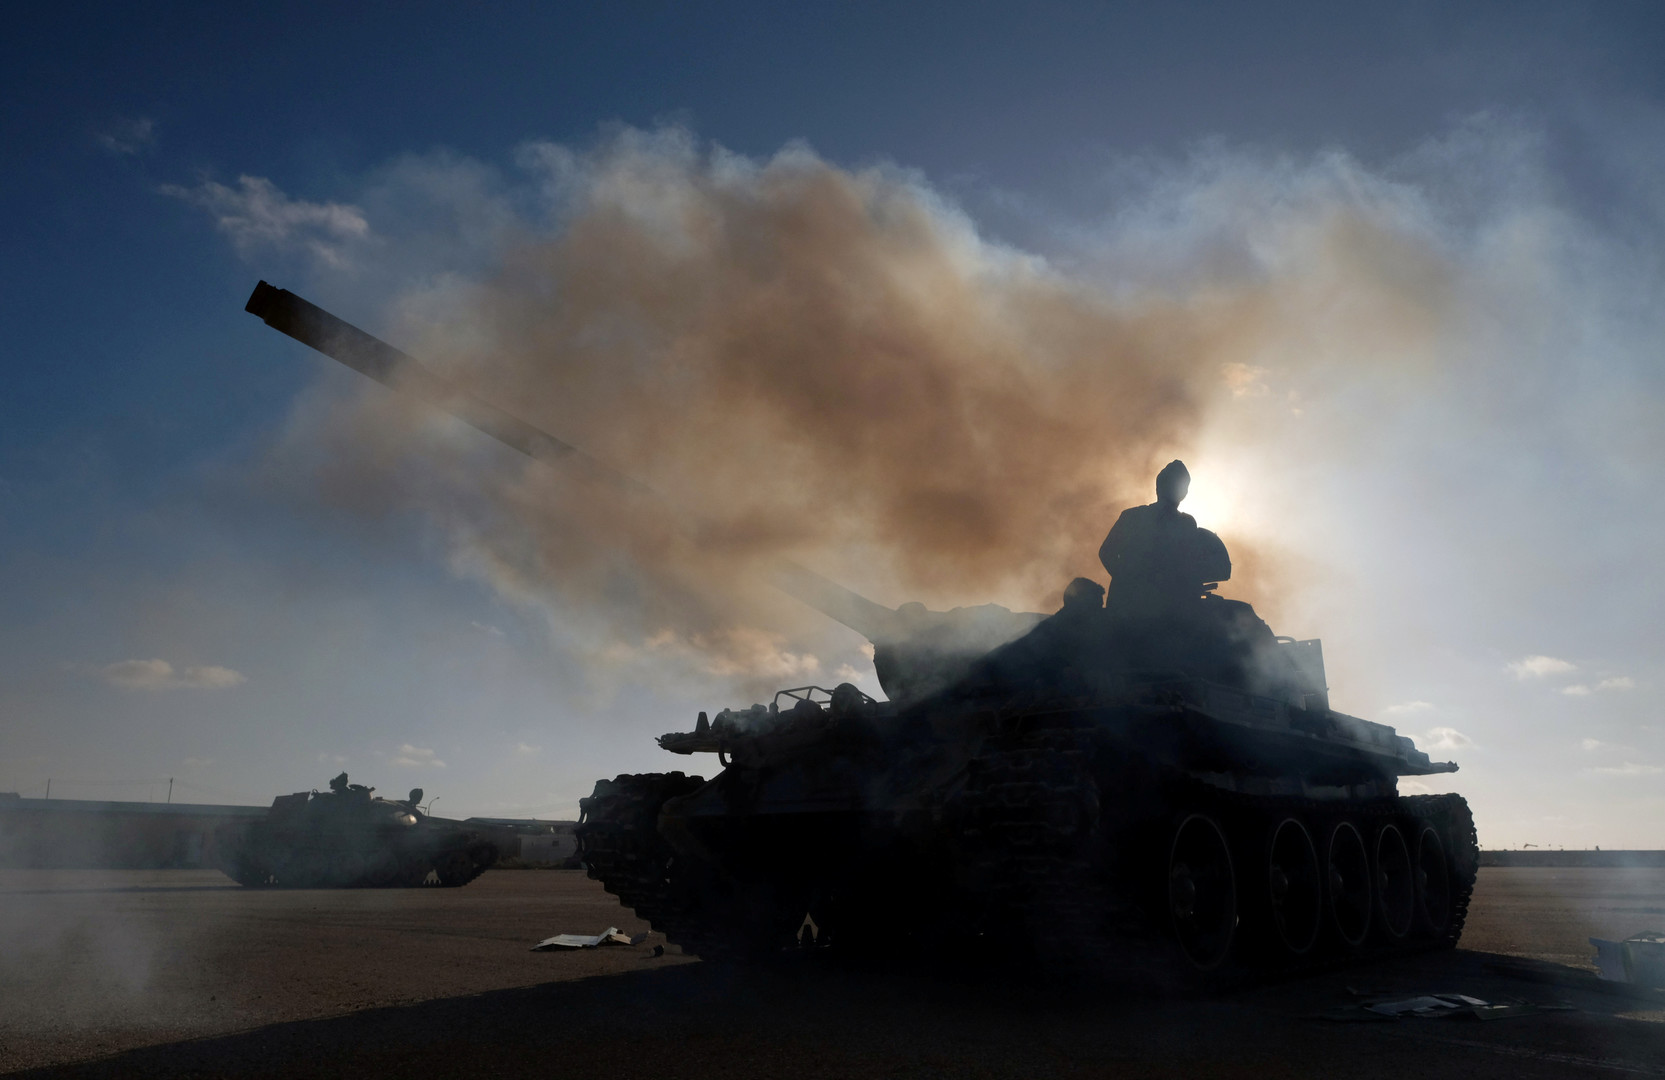 غارات جوية وانفجارات تهز العاصمة طرابلس ليلا